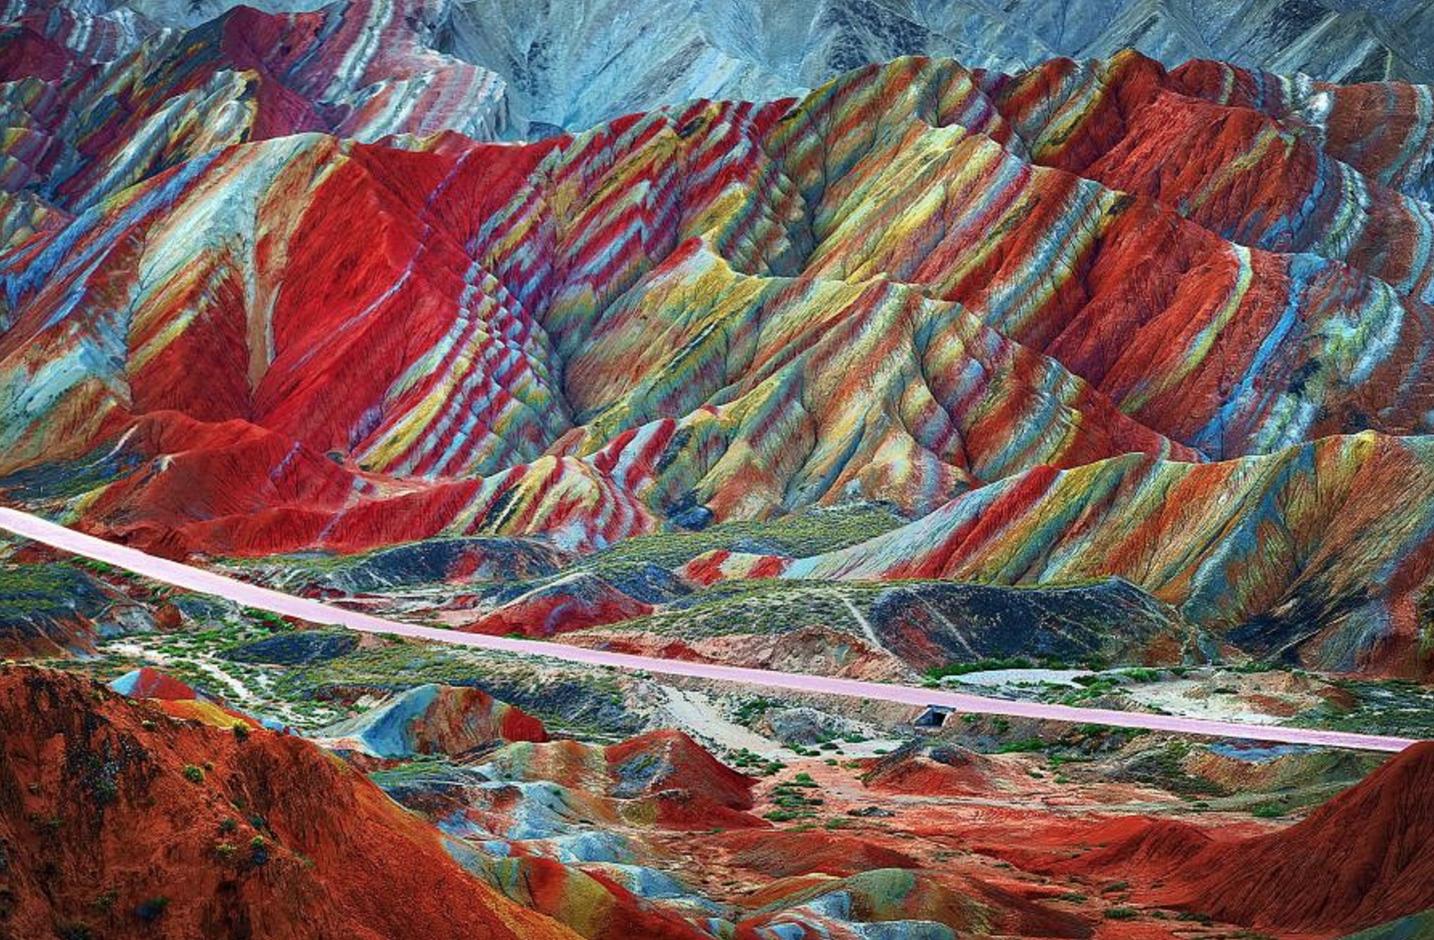 Montañas coloridas de Zhangye Danxia, China.